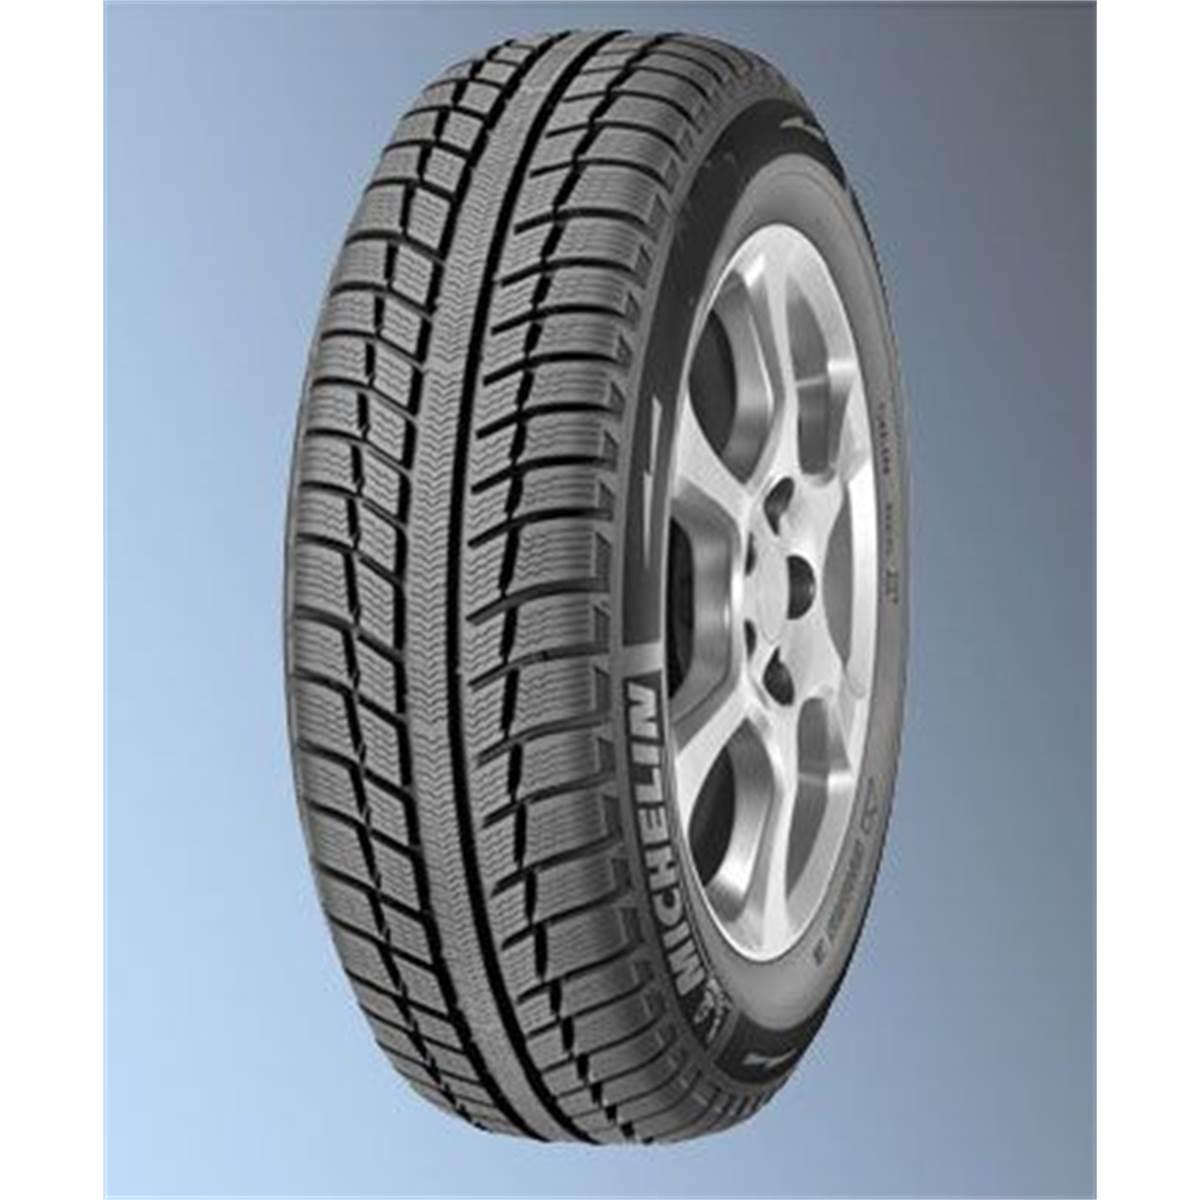 pneu michelin primacy alpin pa3 xl moins cher sur pneu pas cher. Black Bedroom Furniture Sets. Home Design Ideas